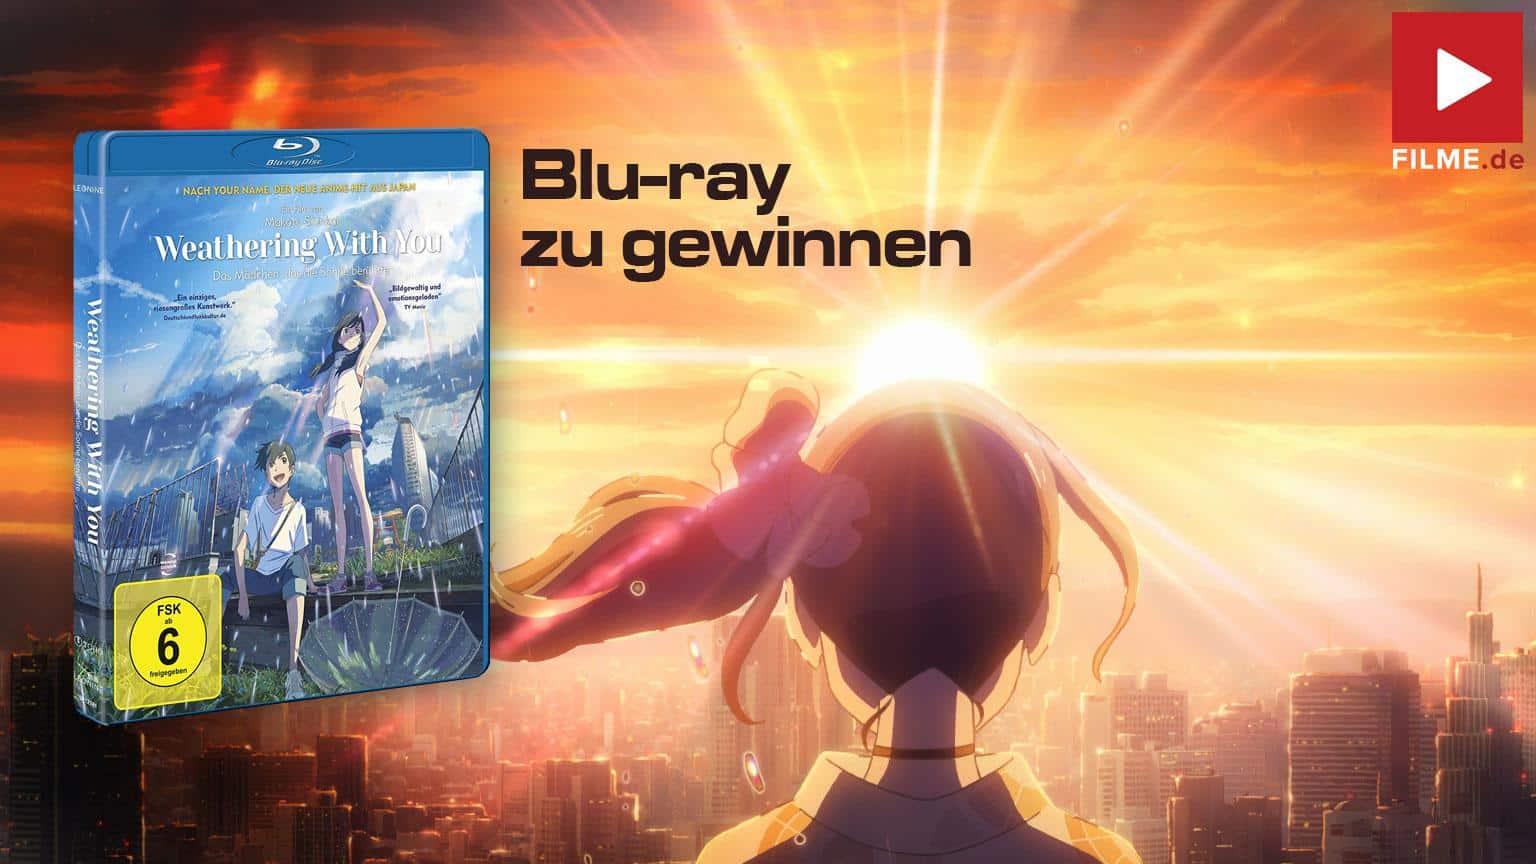 Weathering with you Das Mädchen die die Sonne berührte Film 2020 Blu-ray Cover shop kaufen Gewinnspiel gewinnen